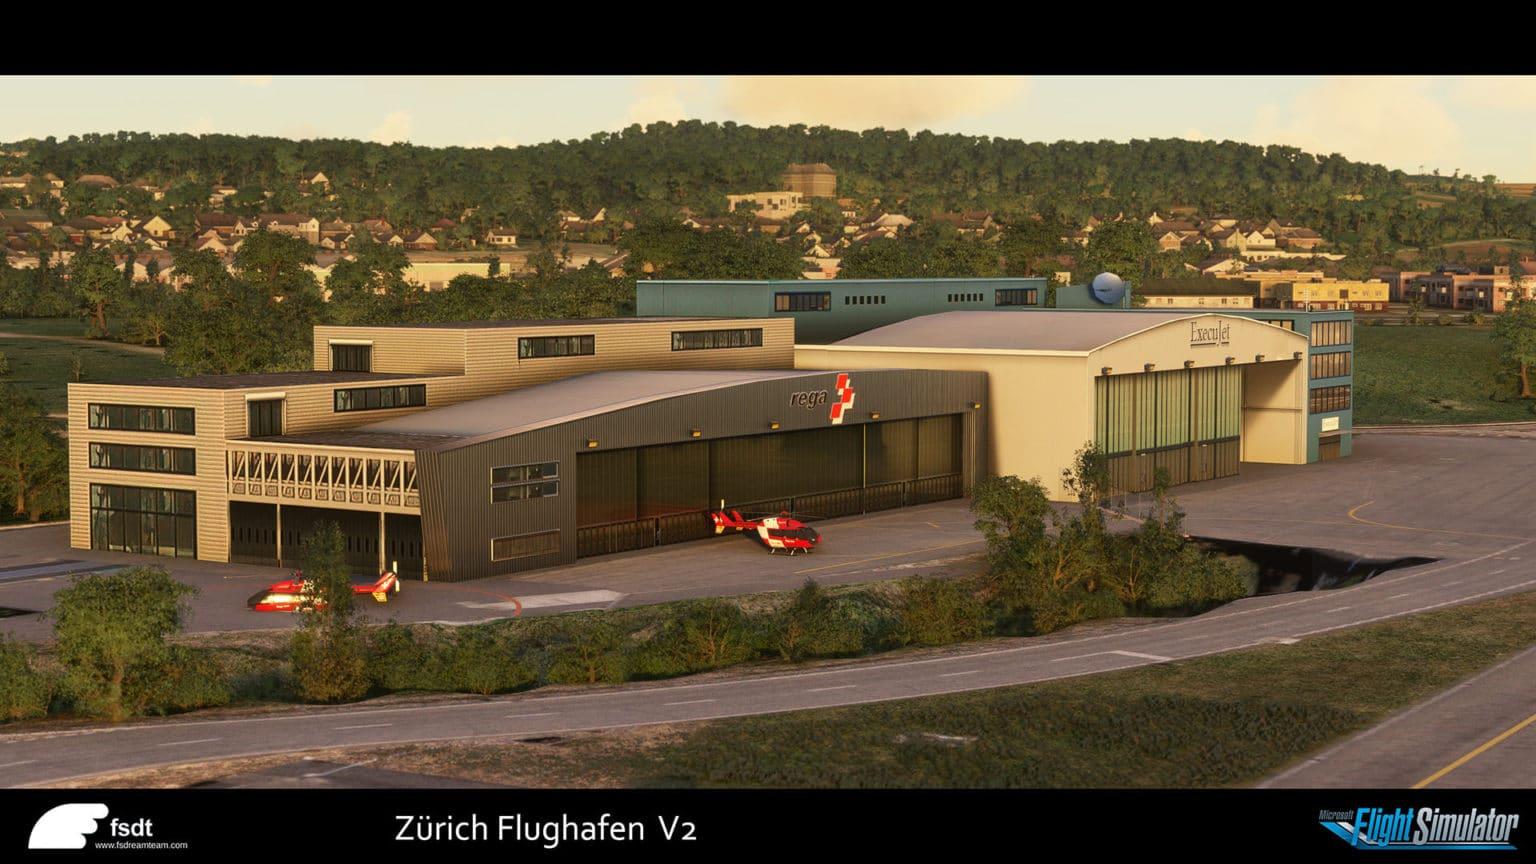 FSDreamteam_Zürich_MSFS (7)